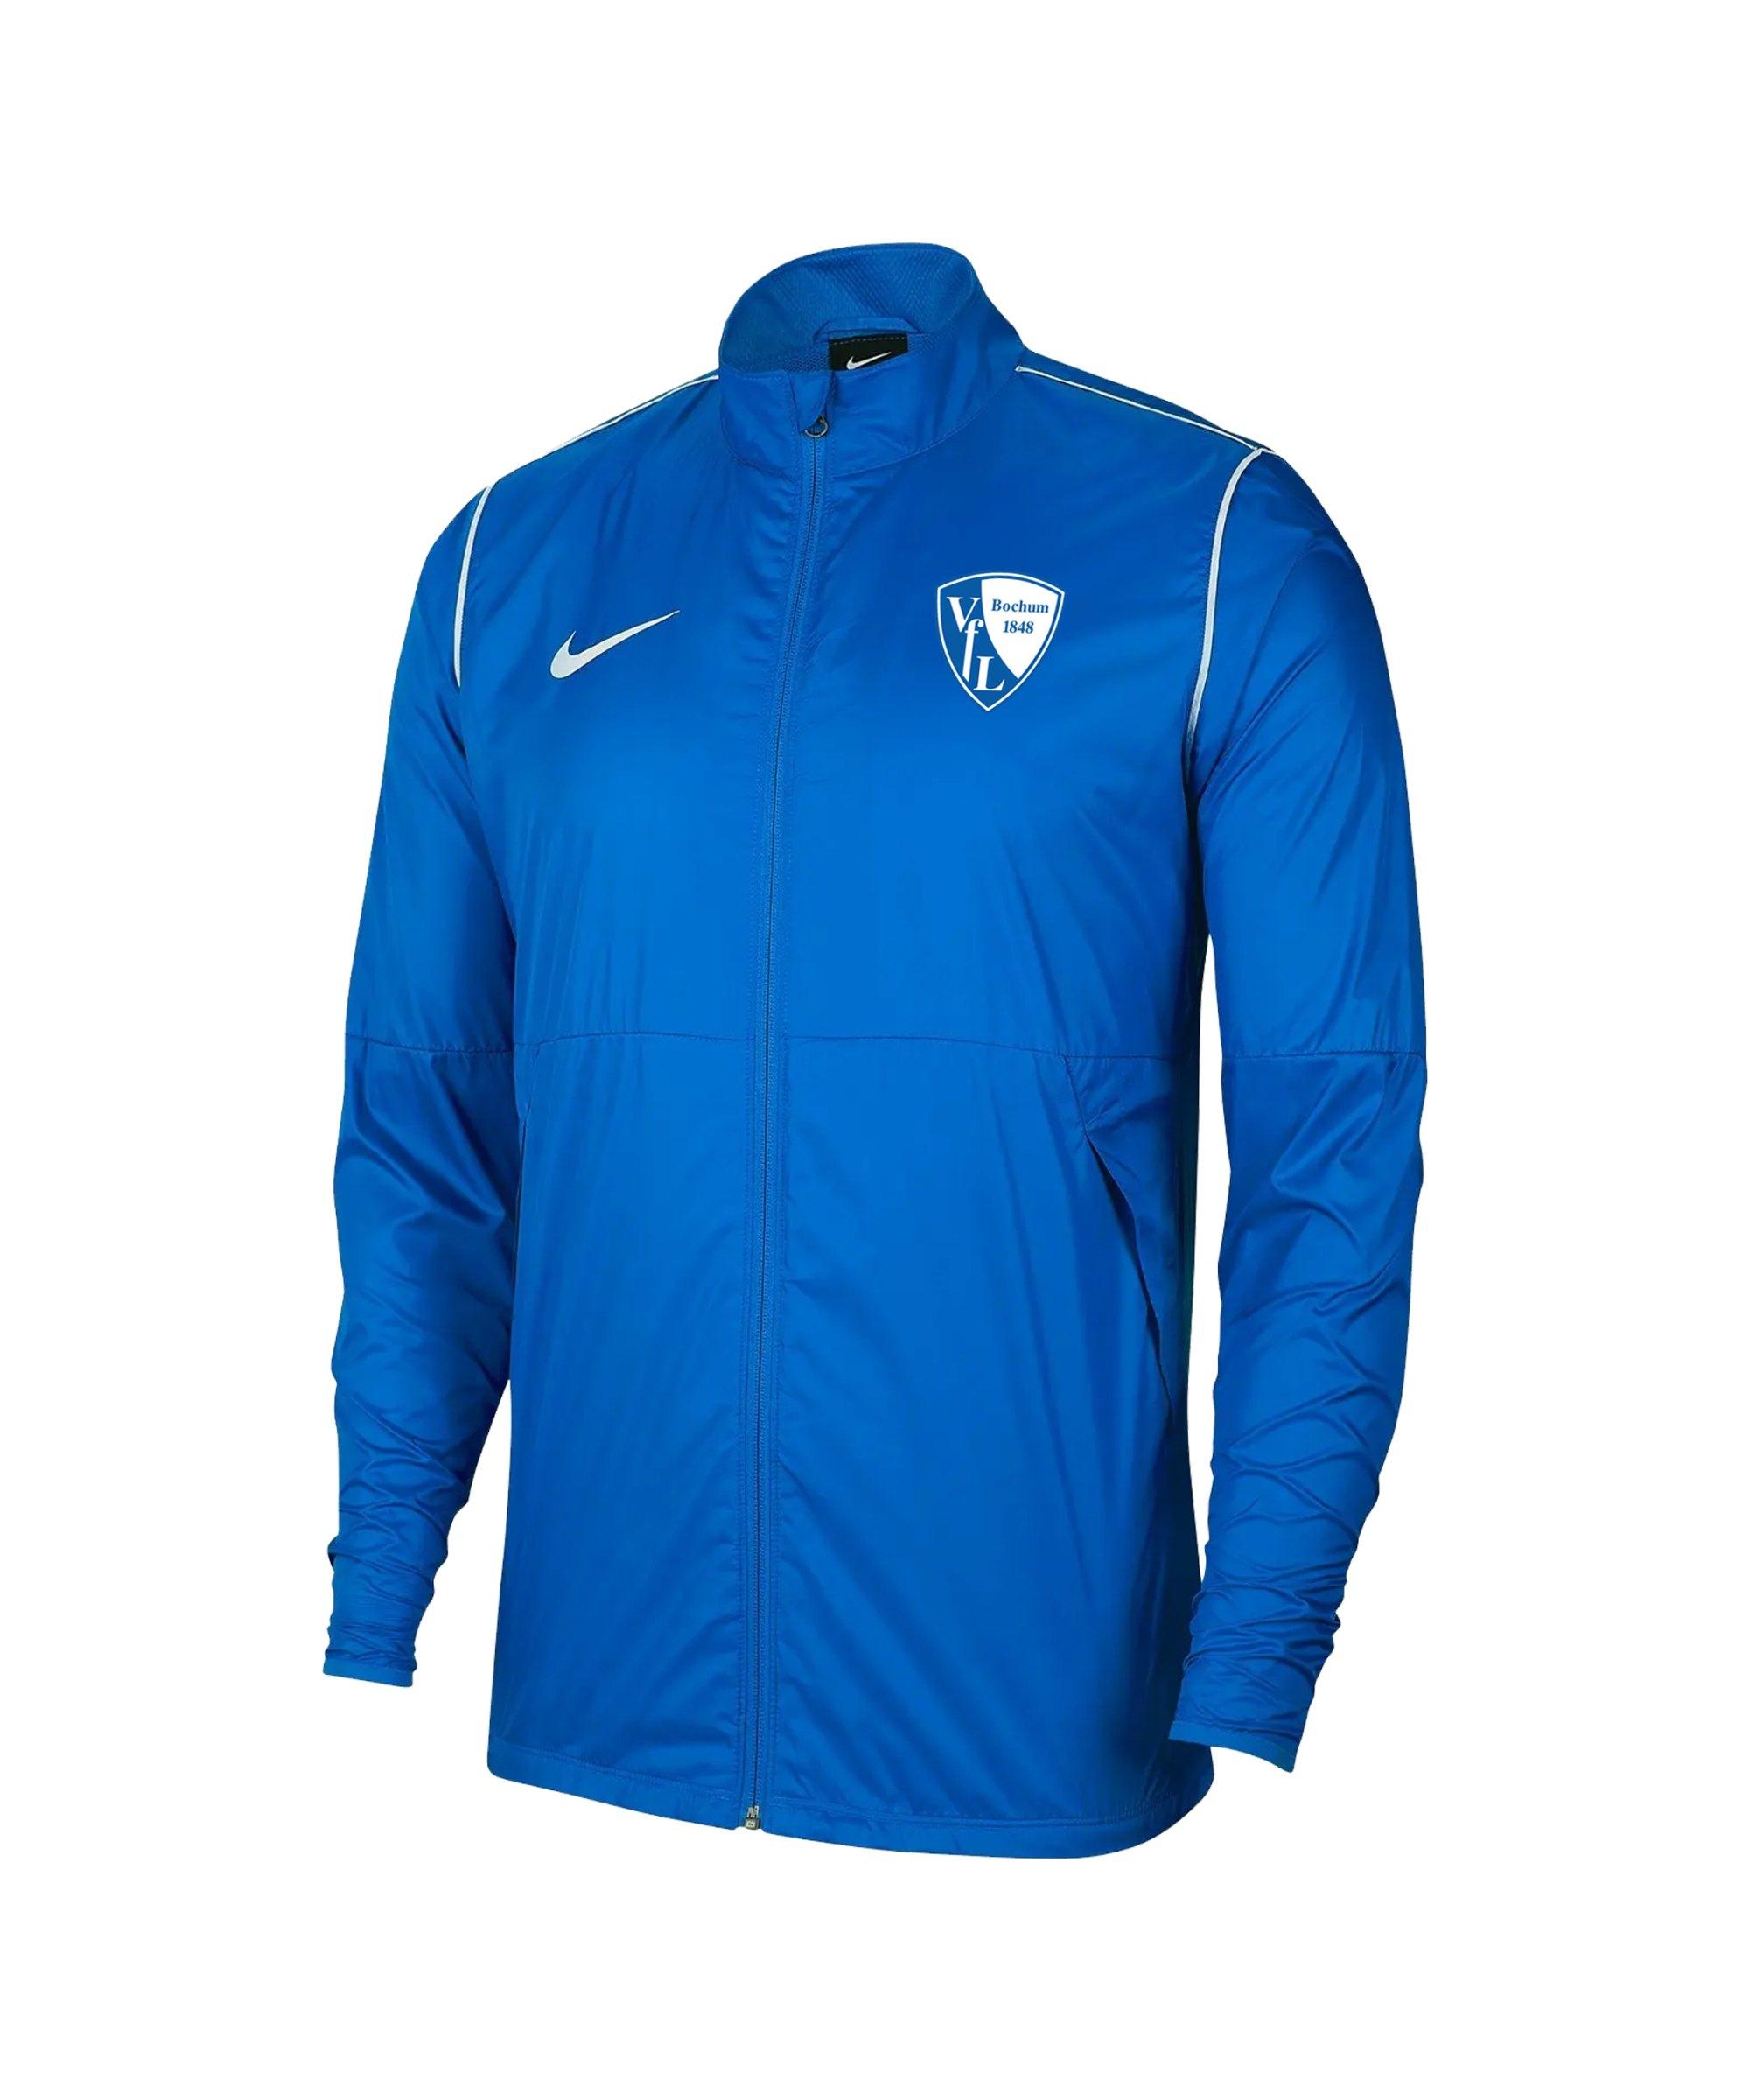 Nike VfL Bochum Regenjacke Blau F463 - blau